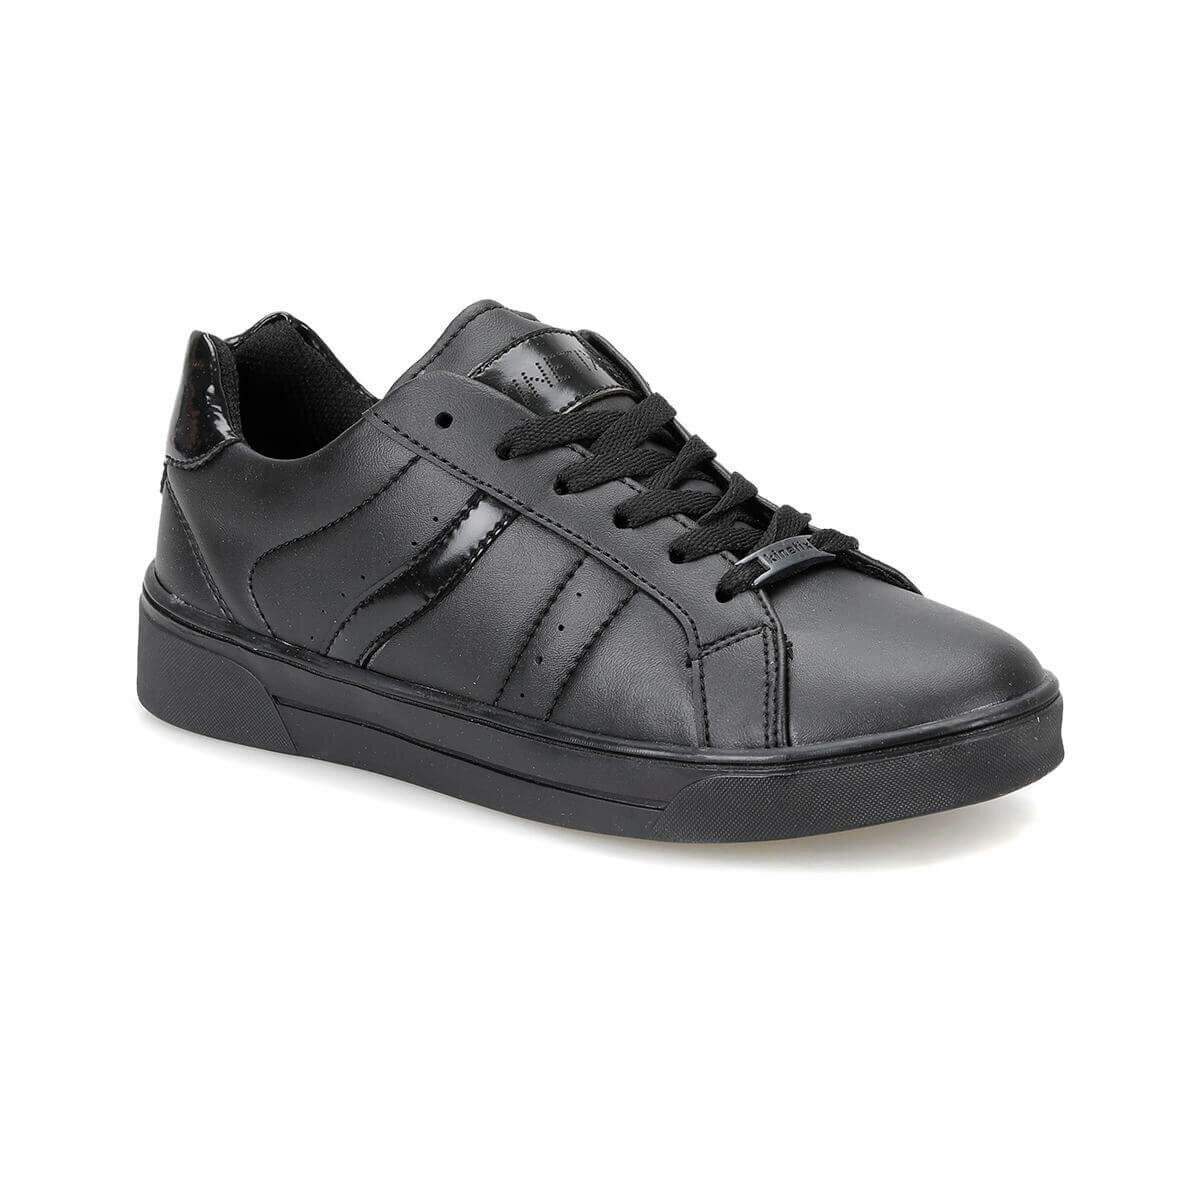 FLO CAMILLE Black Women 'S Sneaker Shoes KINETIX